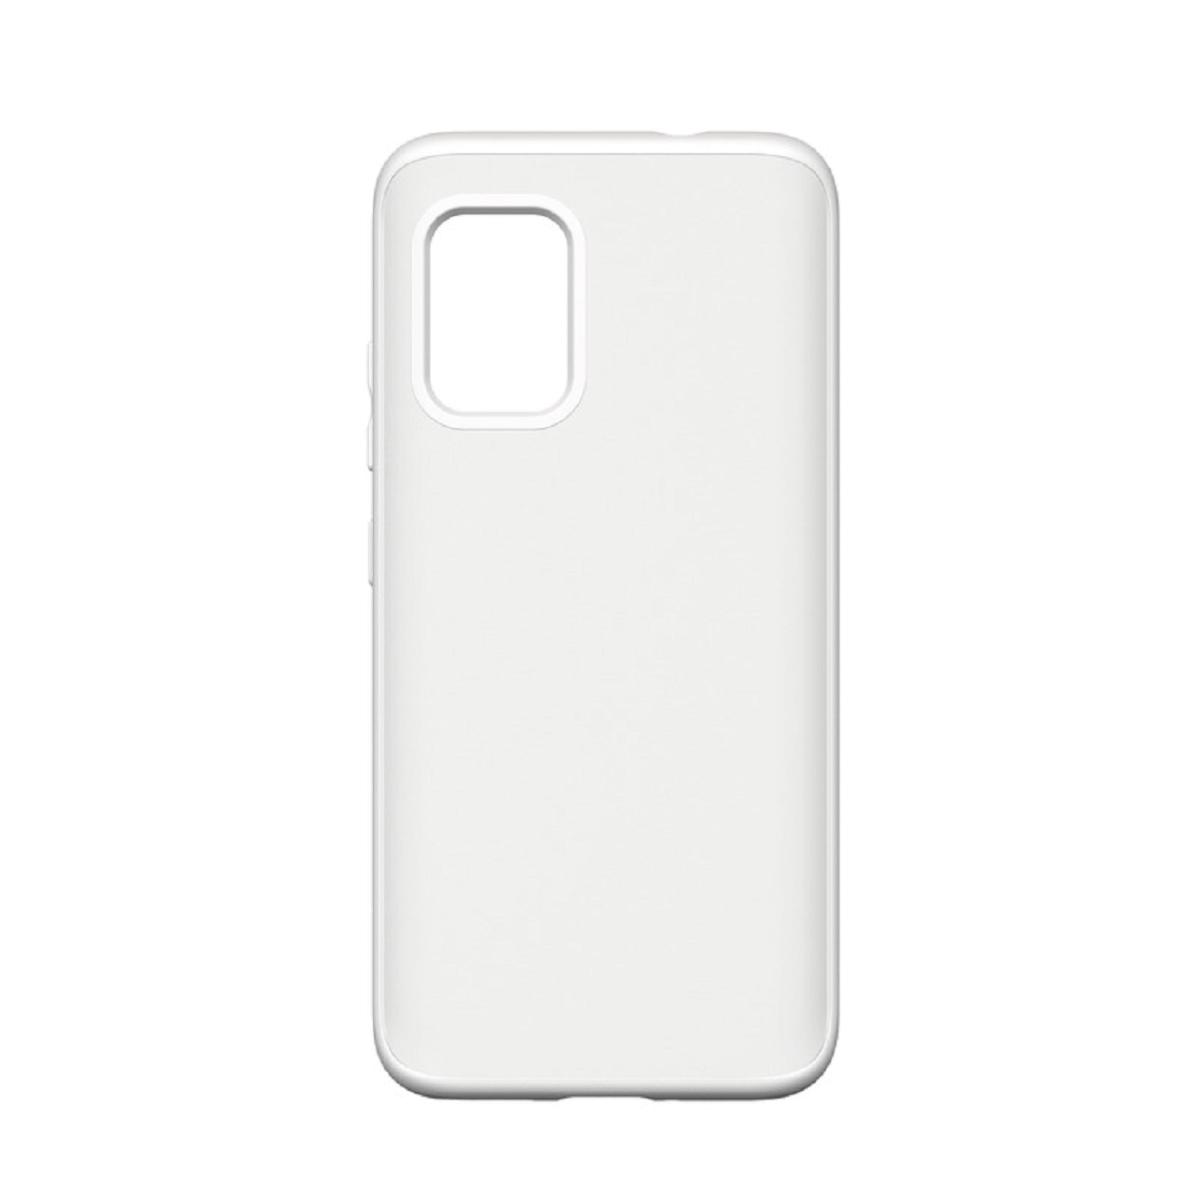 Zenfone 8 犀牛盾防摔保護殼